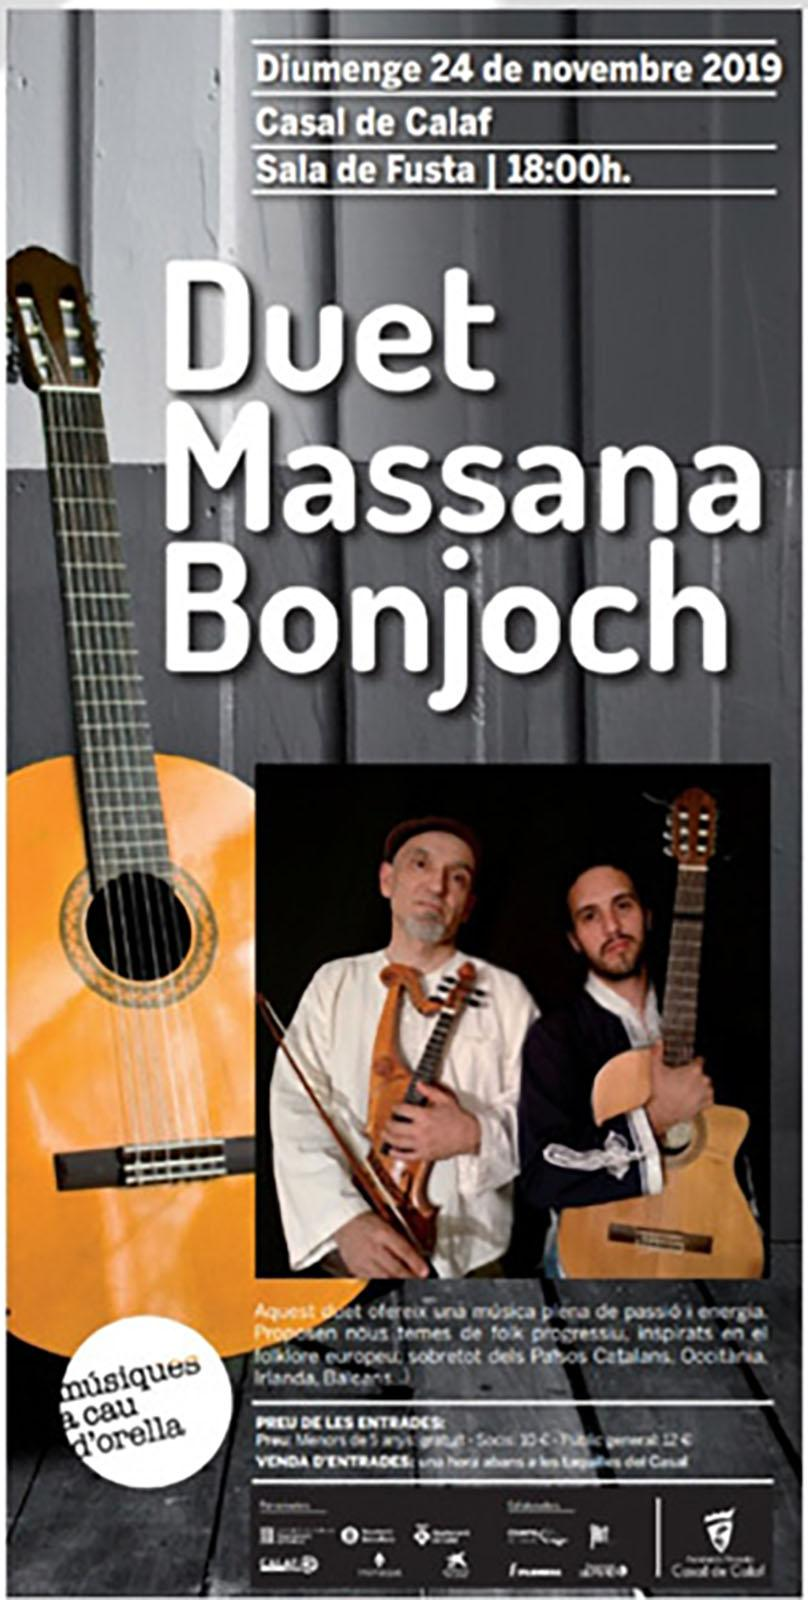 cartell Concert del Duet Massana Bonjoch